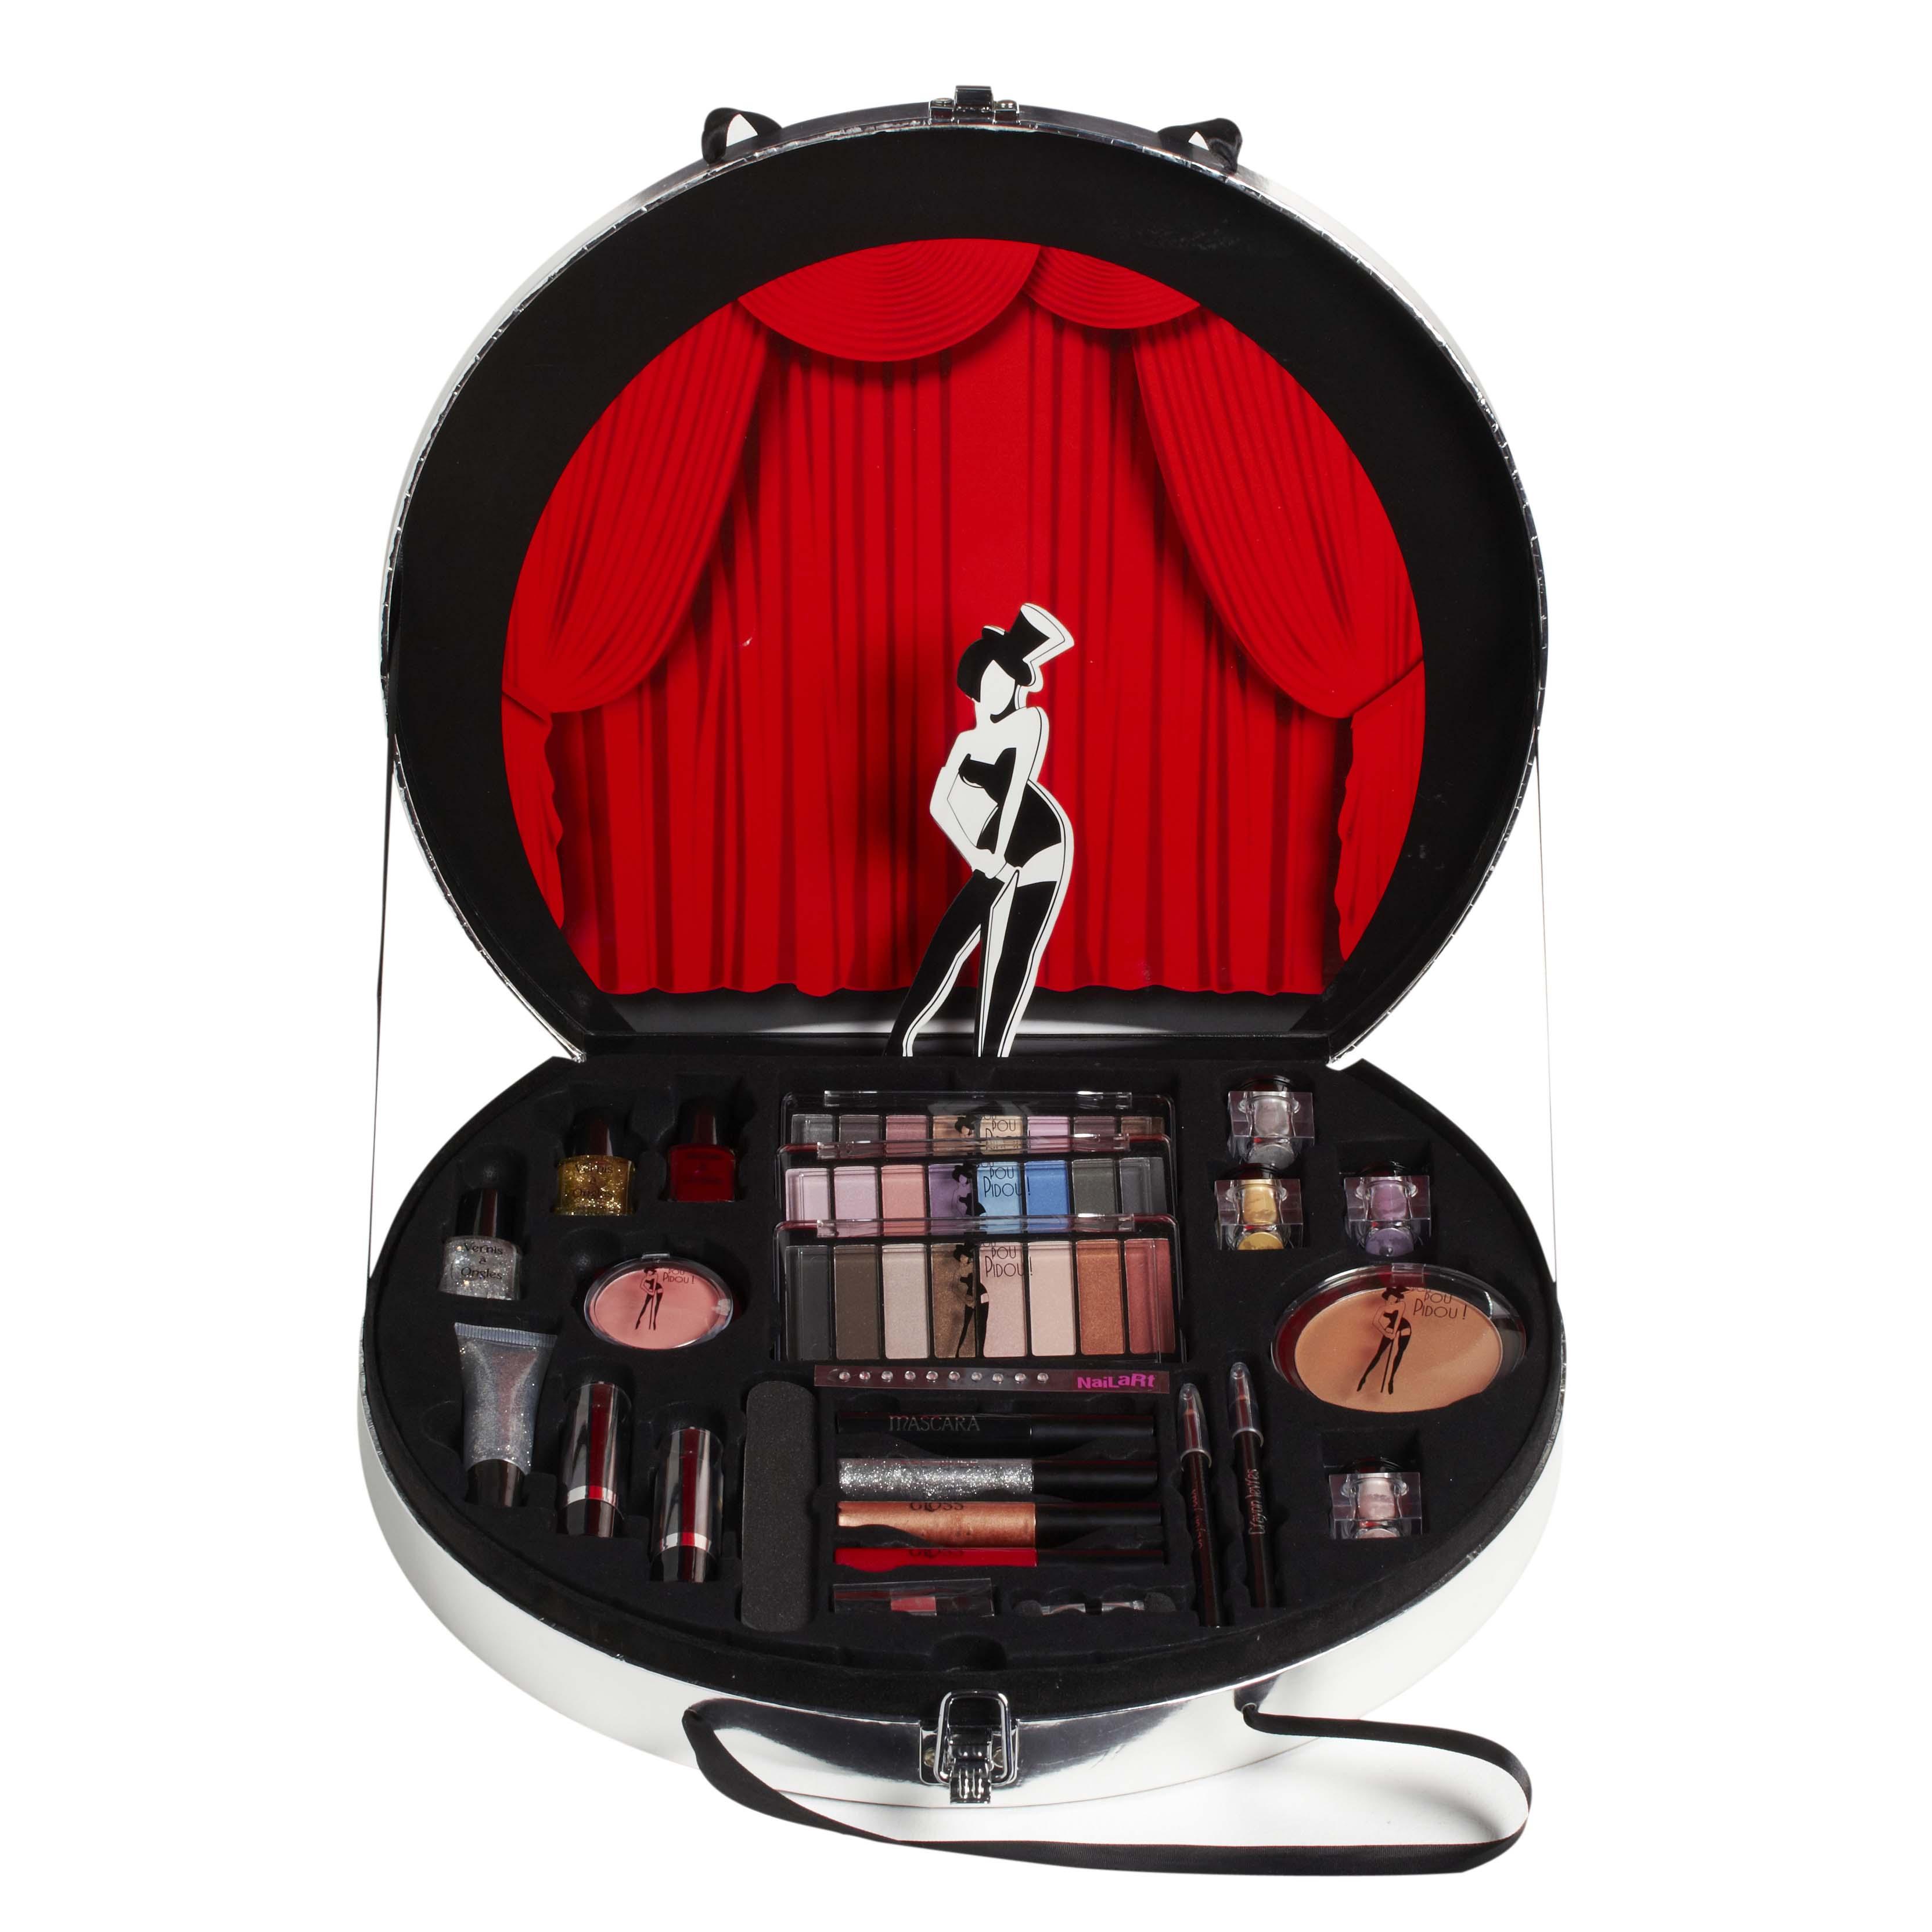 5 id es cadeaux de no l moins de 45 coffrets soins maquillage on se fait plaisir le. Black Bedroom Furniture Sets. Home Design Ideas